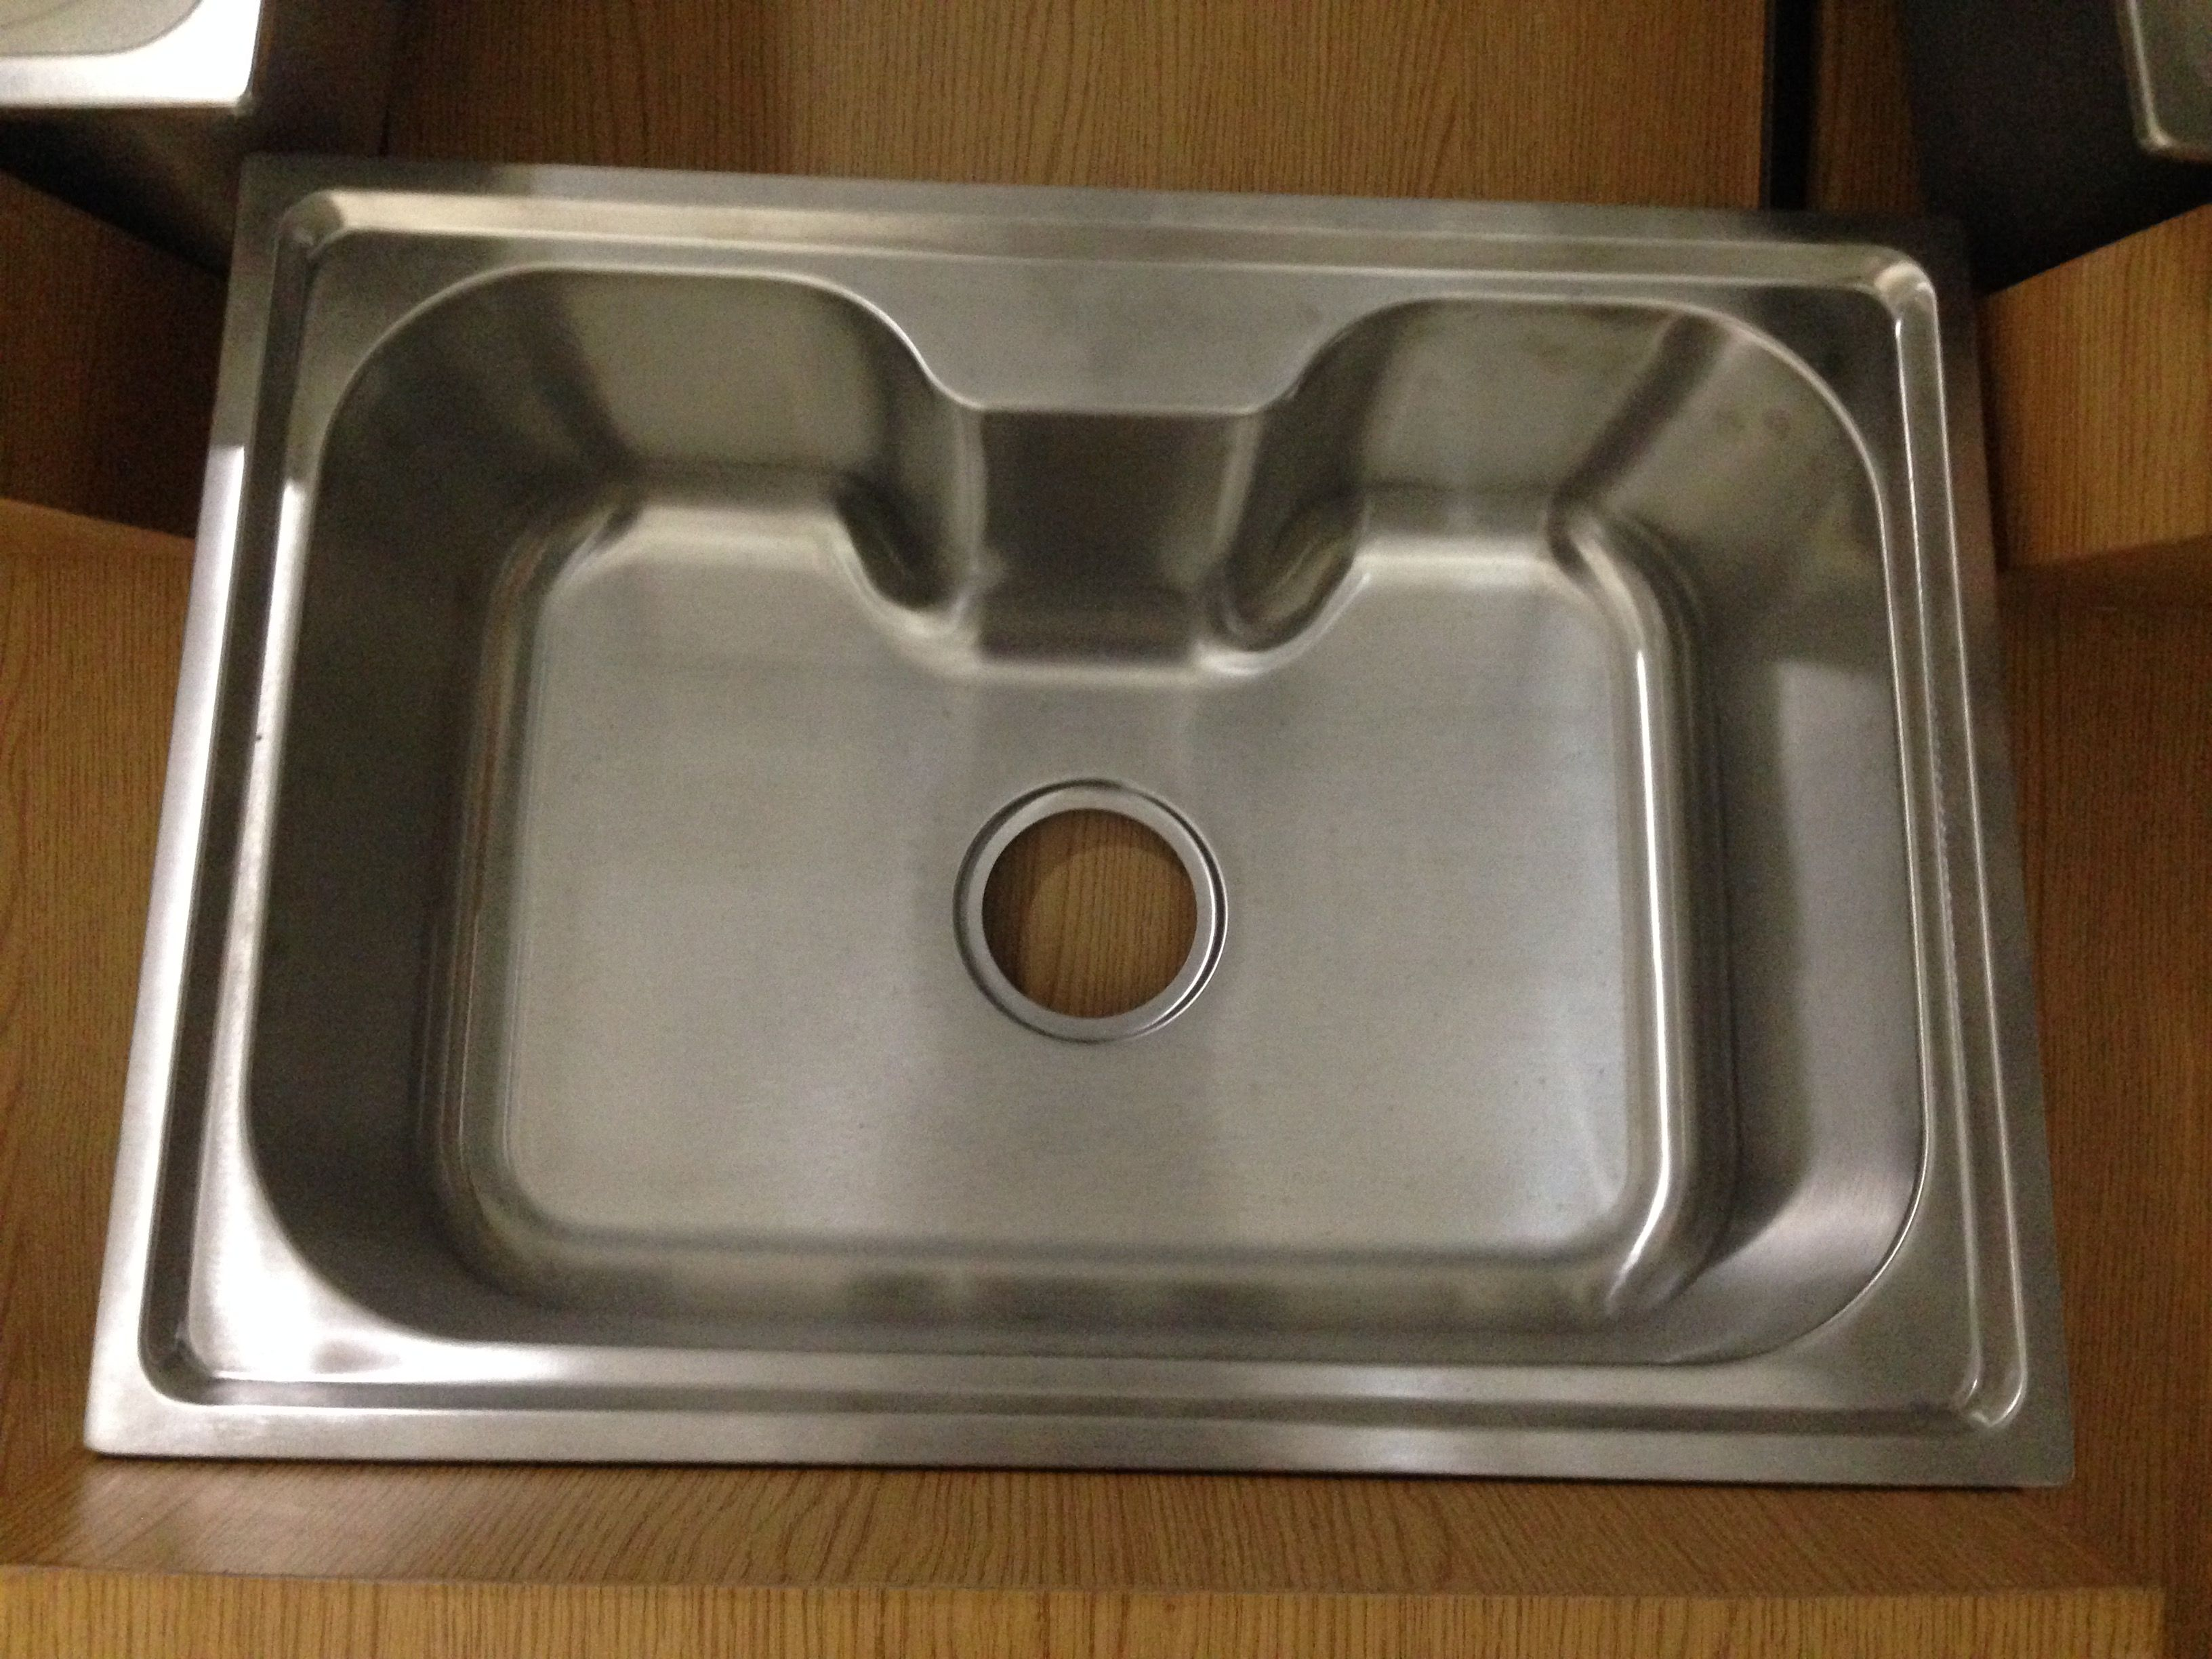 Sink Factory Sink Manufacturer Stainless Steel Sink Kitchen Sink Wash Basin Water Tank Stainless Double Bowl Kitchen Sink Single Bowl Kitchen Sink Kitchen Sink